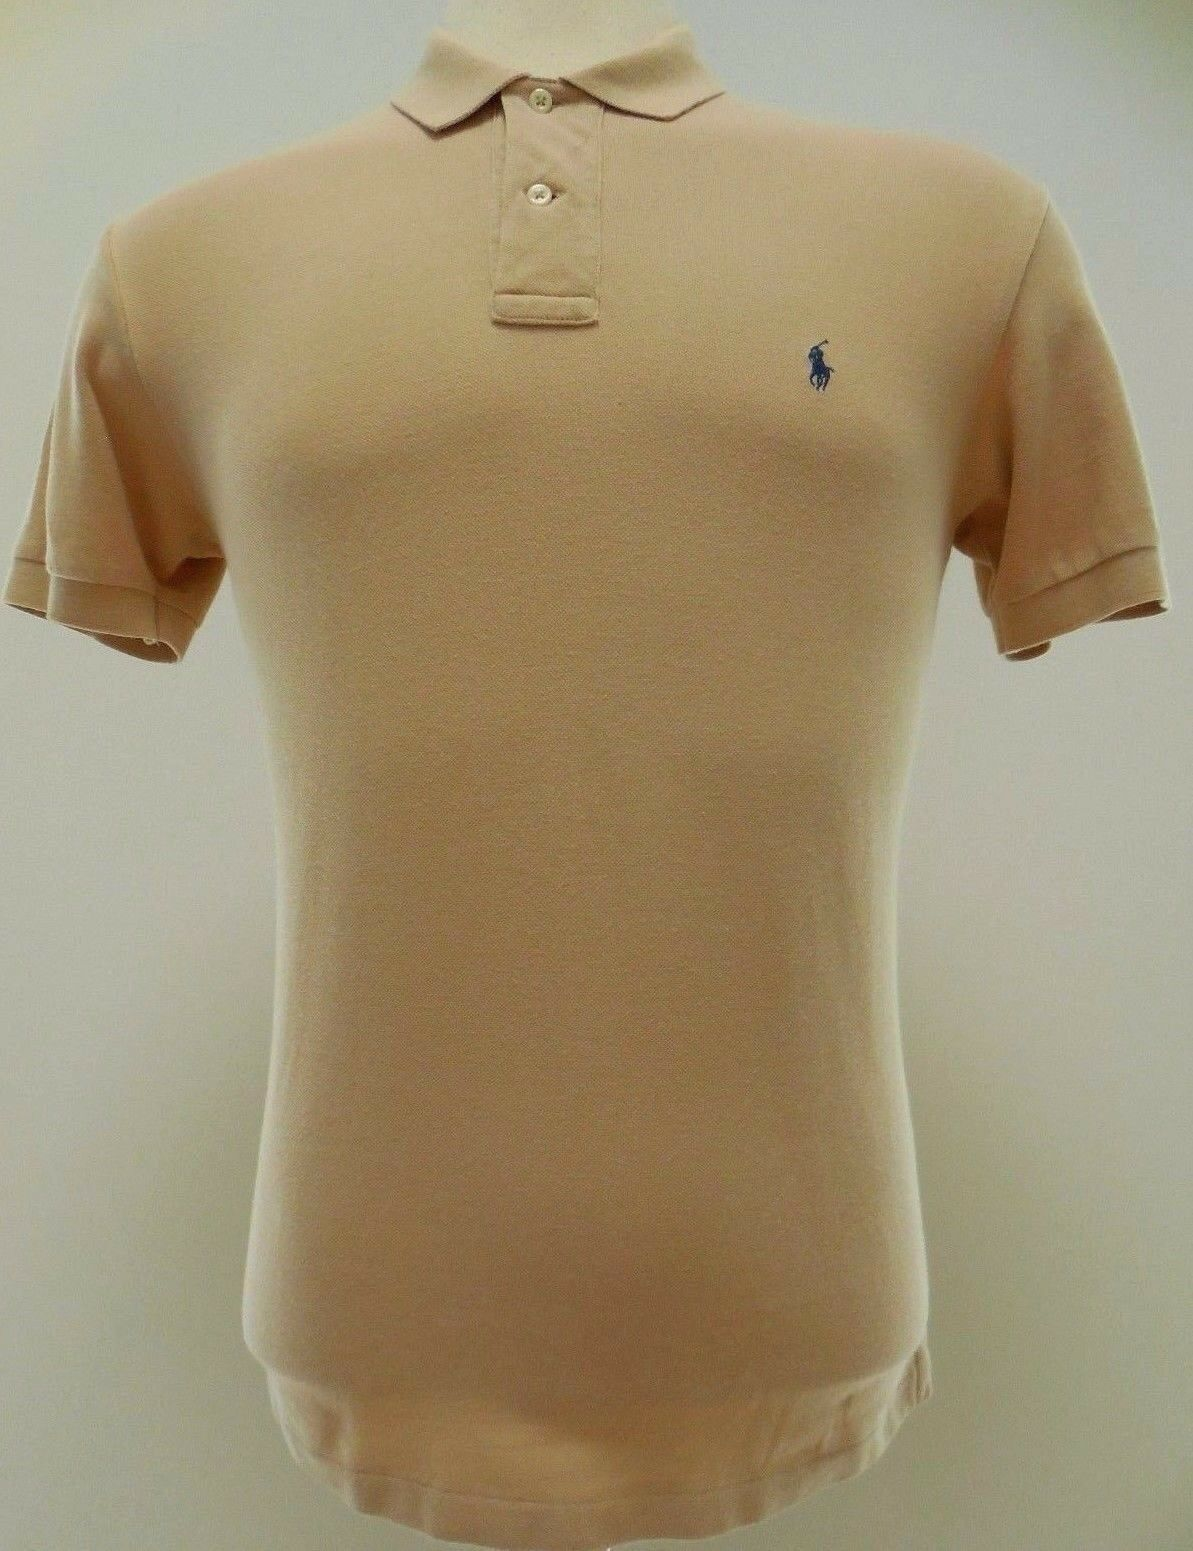 a08d85a3 Polo Ralph Lauren Polo Shirt Small Beige Tan Light Mens Cotton Men ...